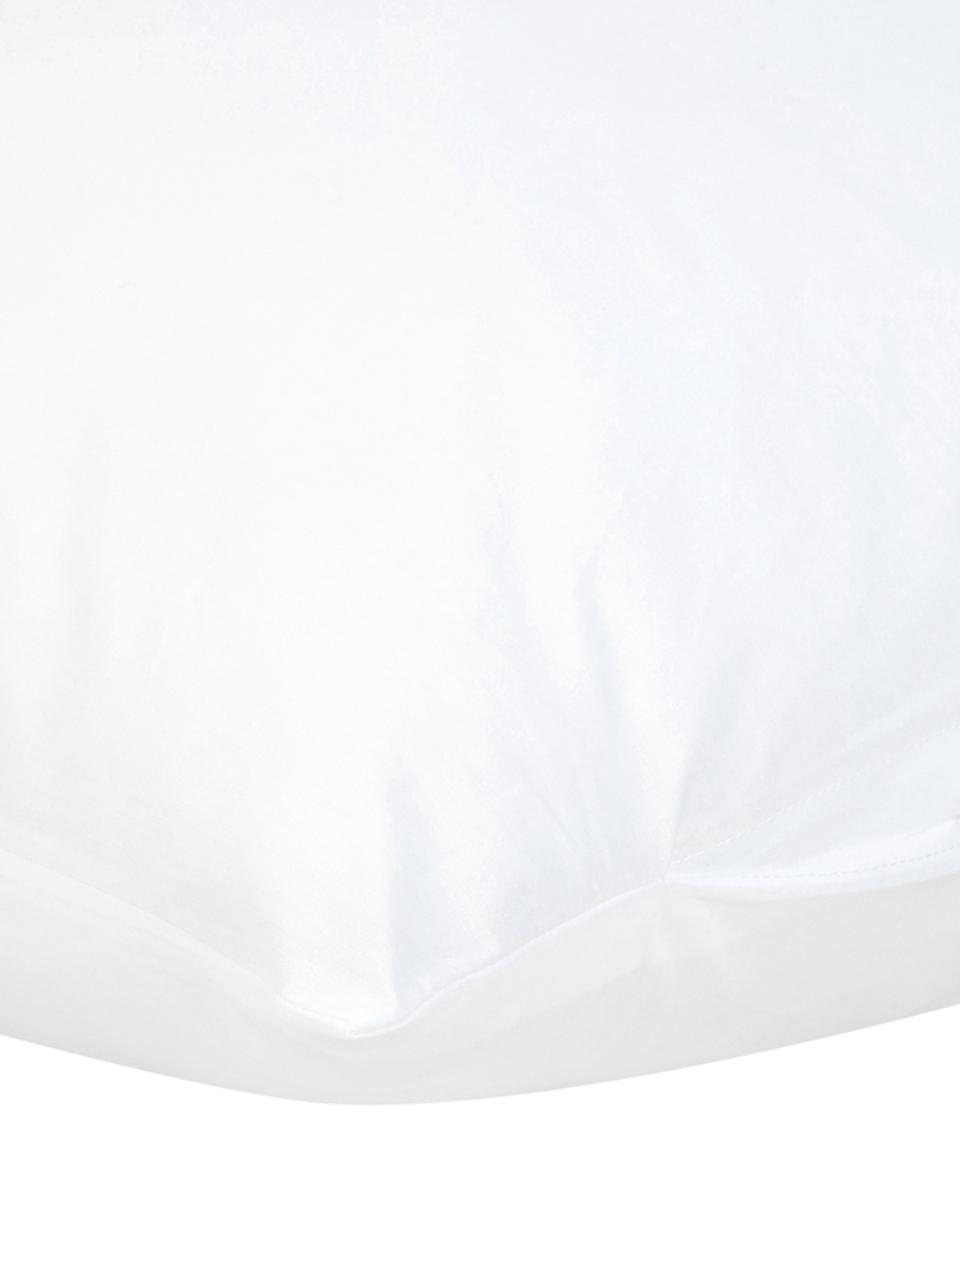 Baumwollperkal-Kissenbezüge Mr&Mrs mit Schriftzug, 2er-Set, Webart: Perkal Fadendichte 180 TC, Weiß, Schwarz, 40 x 80 cm